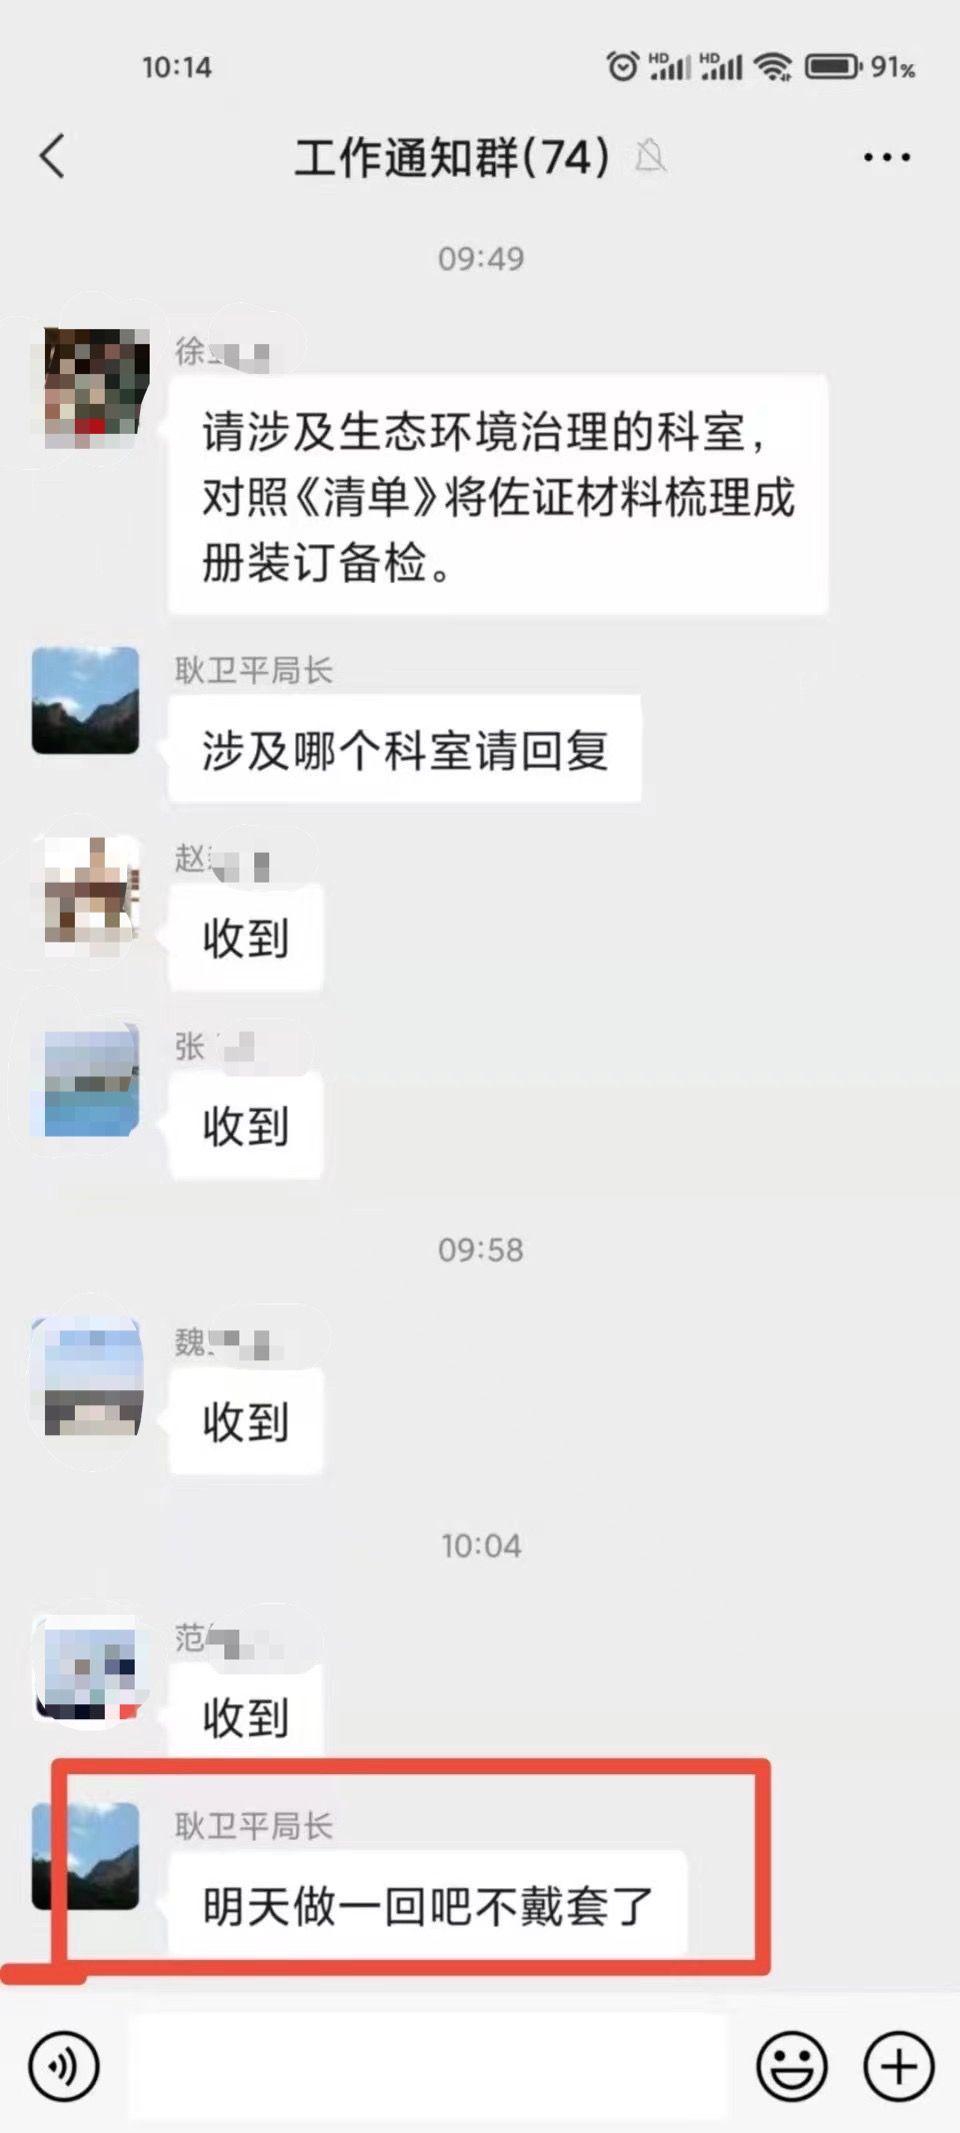 邢台一局长在工作群发情色消息,邢台市委书记称将转给市纪委核实